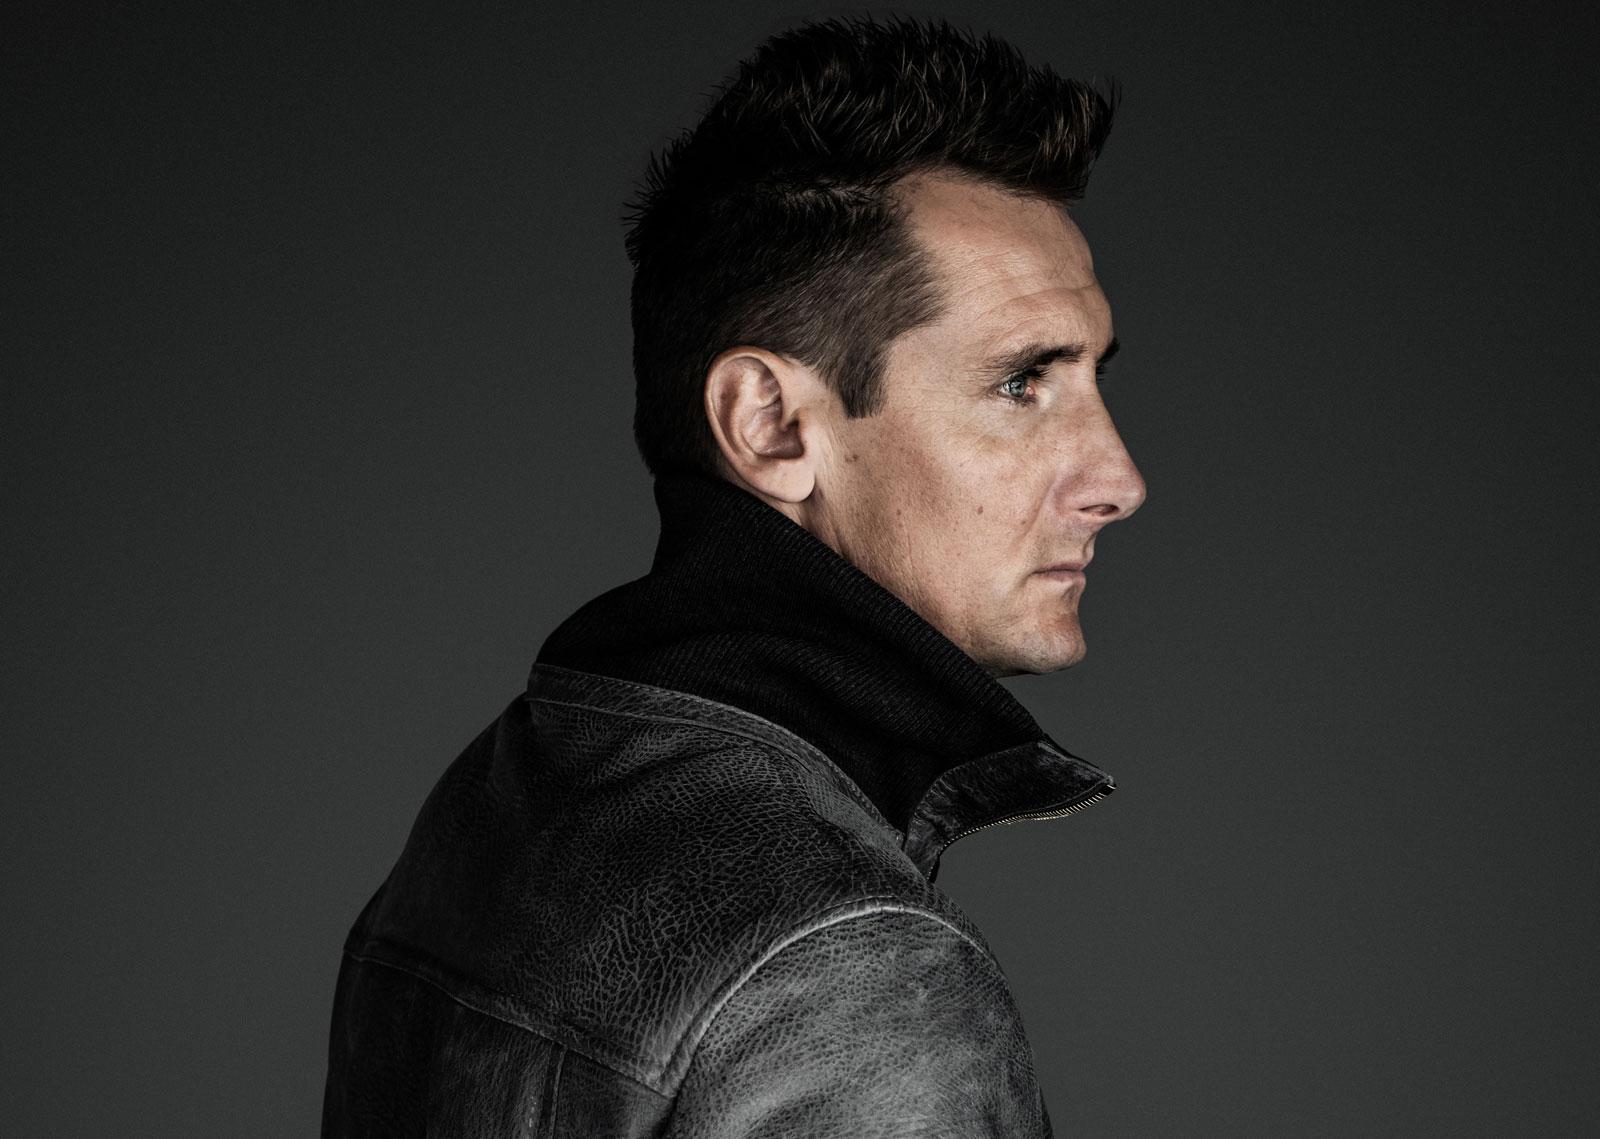 Miroslav Klose, ehemaliger Fußballspieler